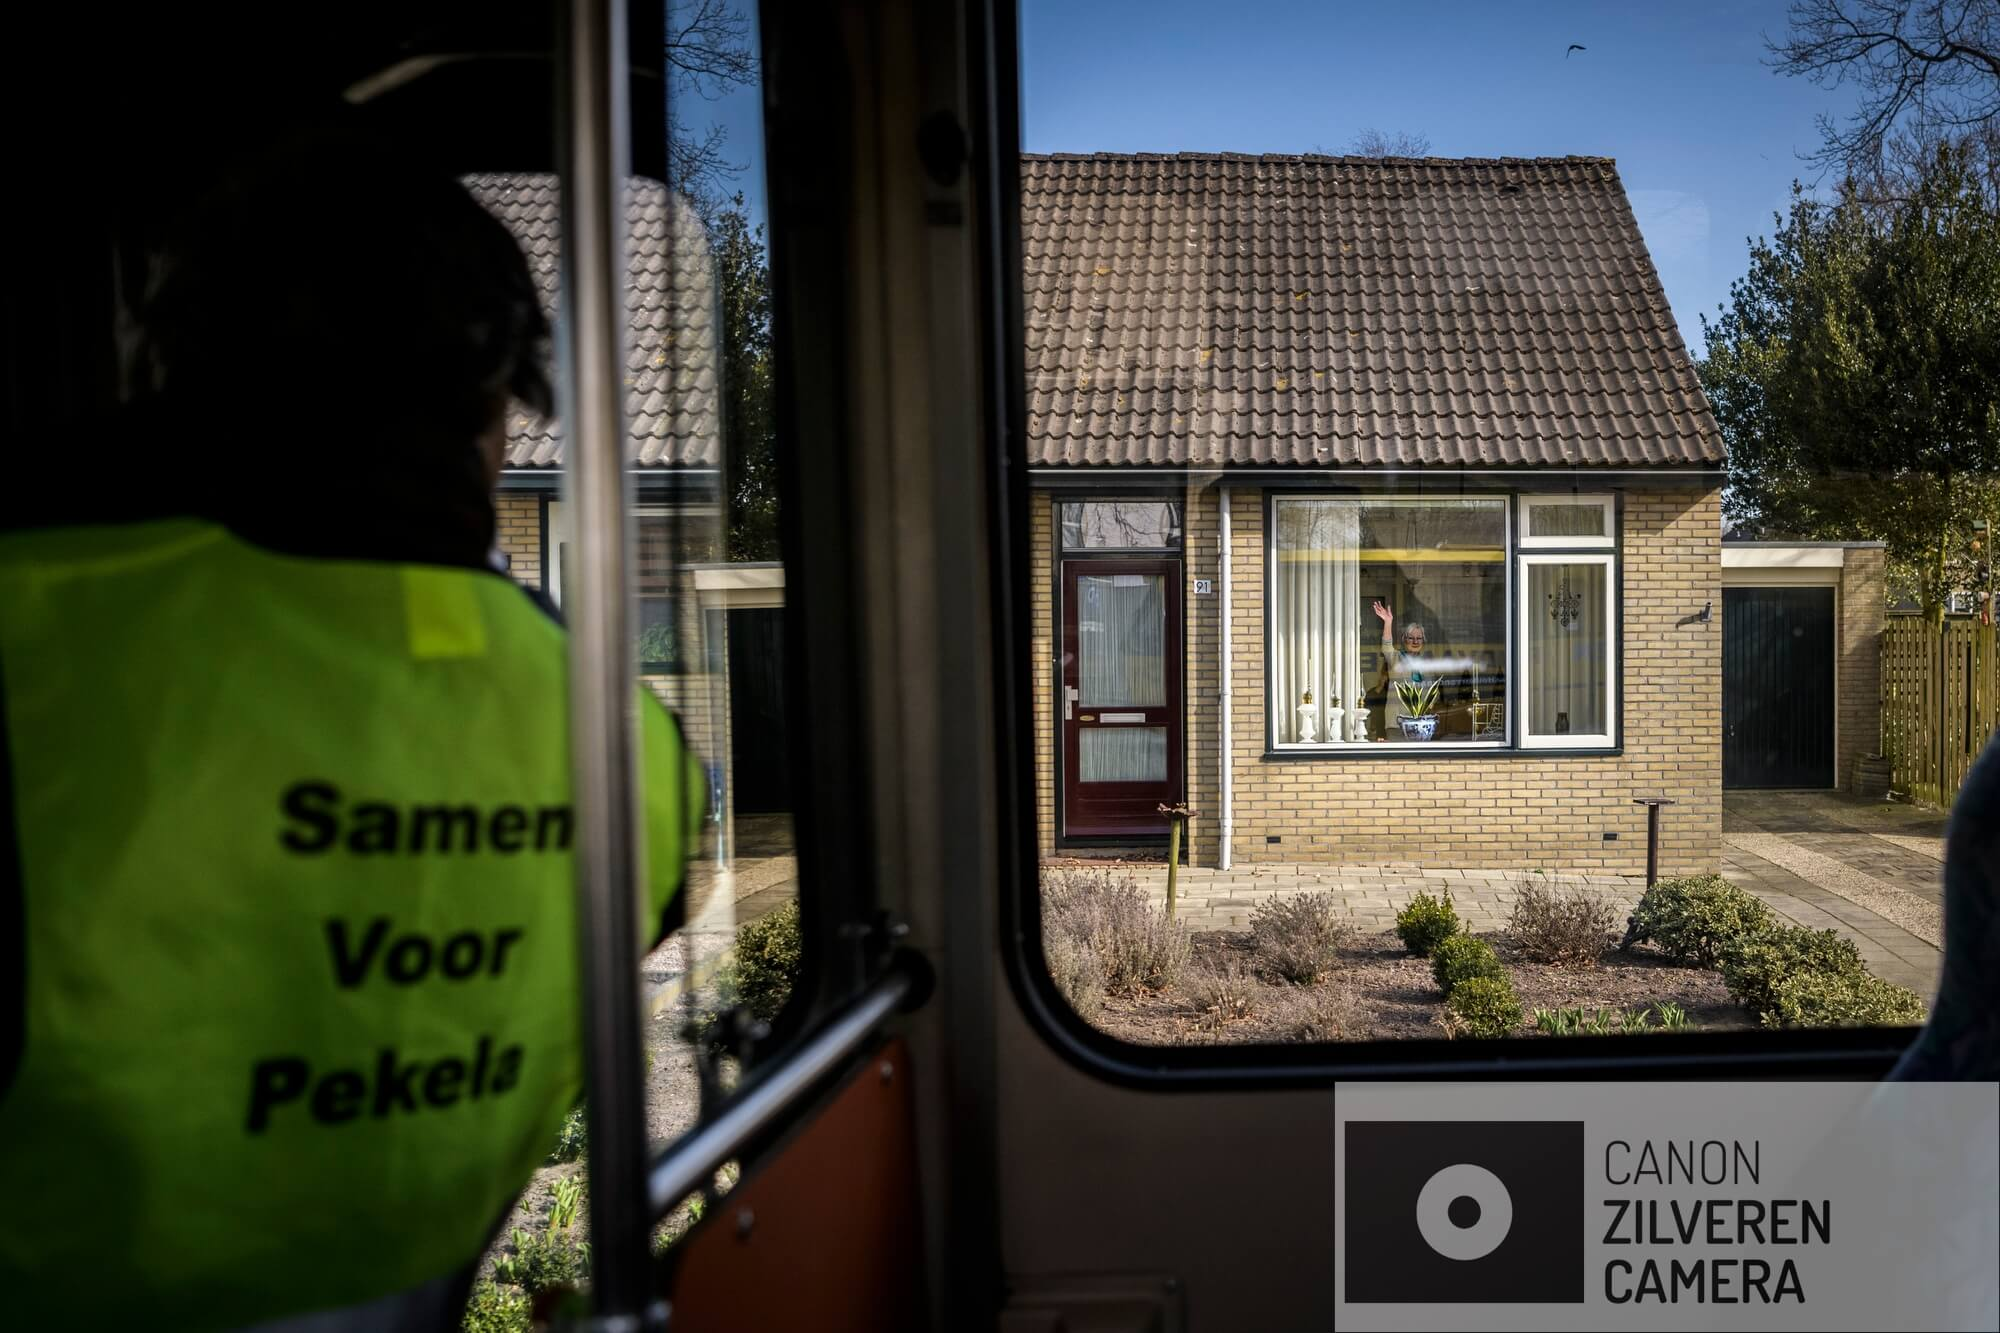 Nederland, Nieuwe Pekela, 17-03-'18; De lokale politieke partij Samen Voor Pekela voor , tijdens en na de gemeenteraadsverkiezingen.Op pad met de campagne bus. Serie Samen Voor Pekela - 03